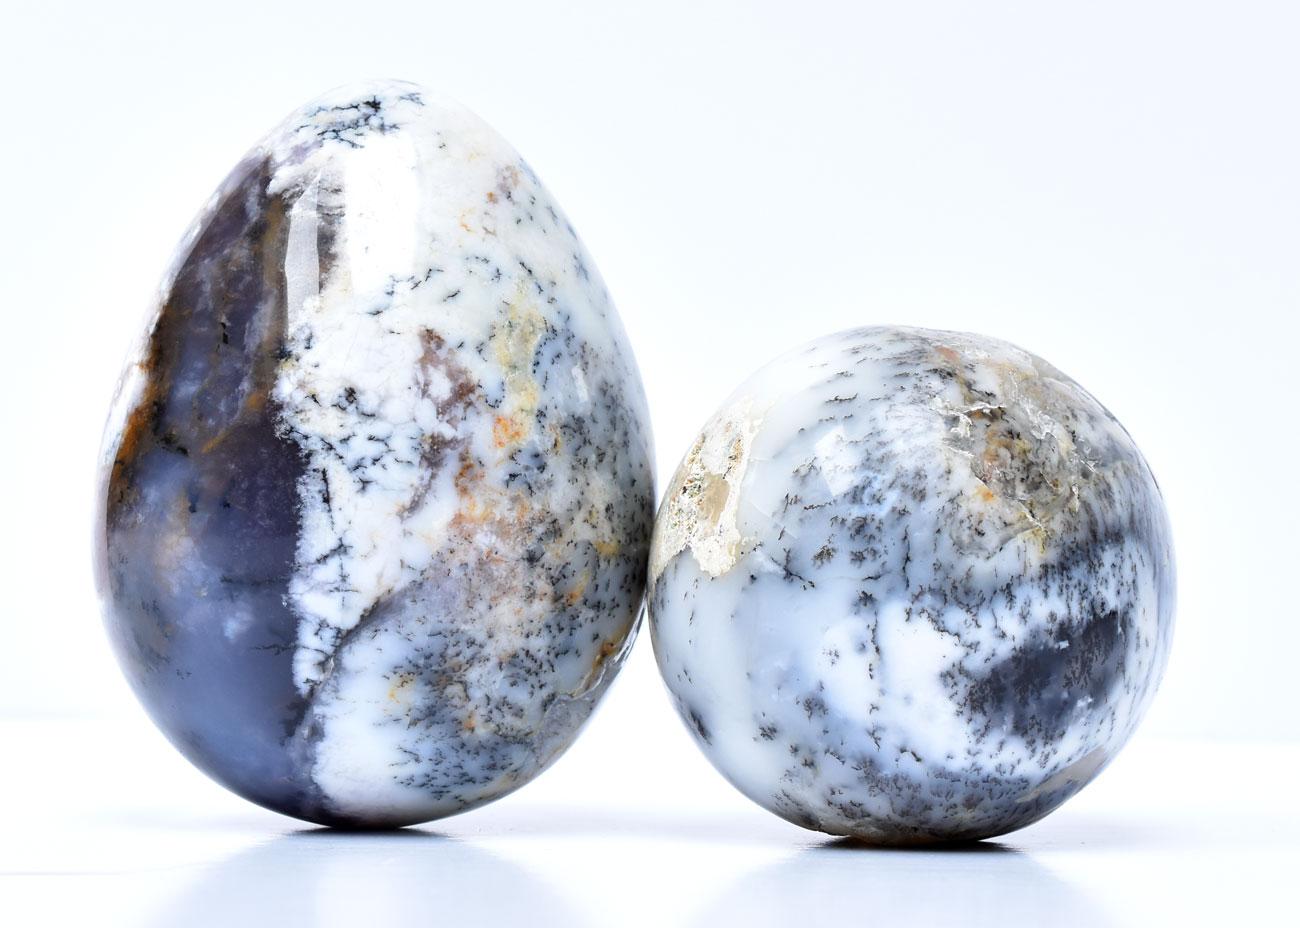 Ouă Opal Dendritic Merlinit de vânzare